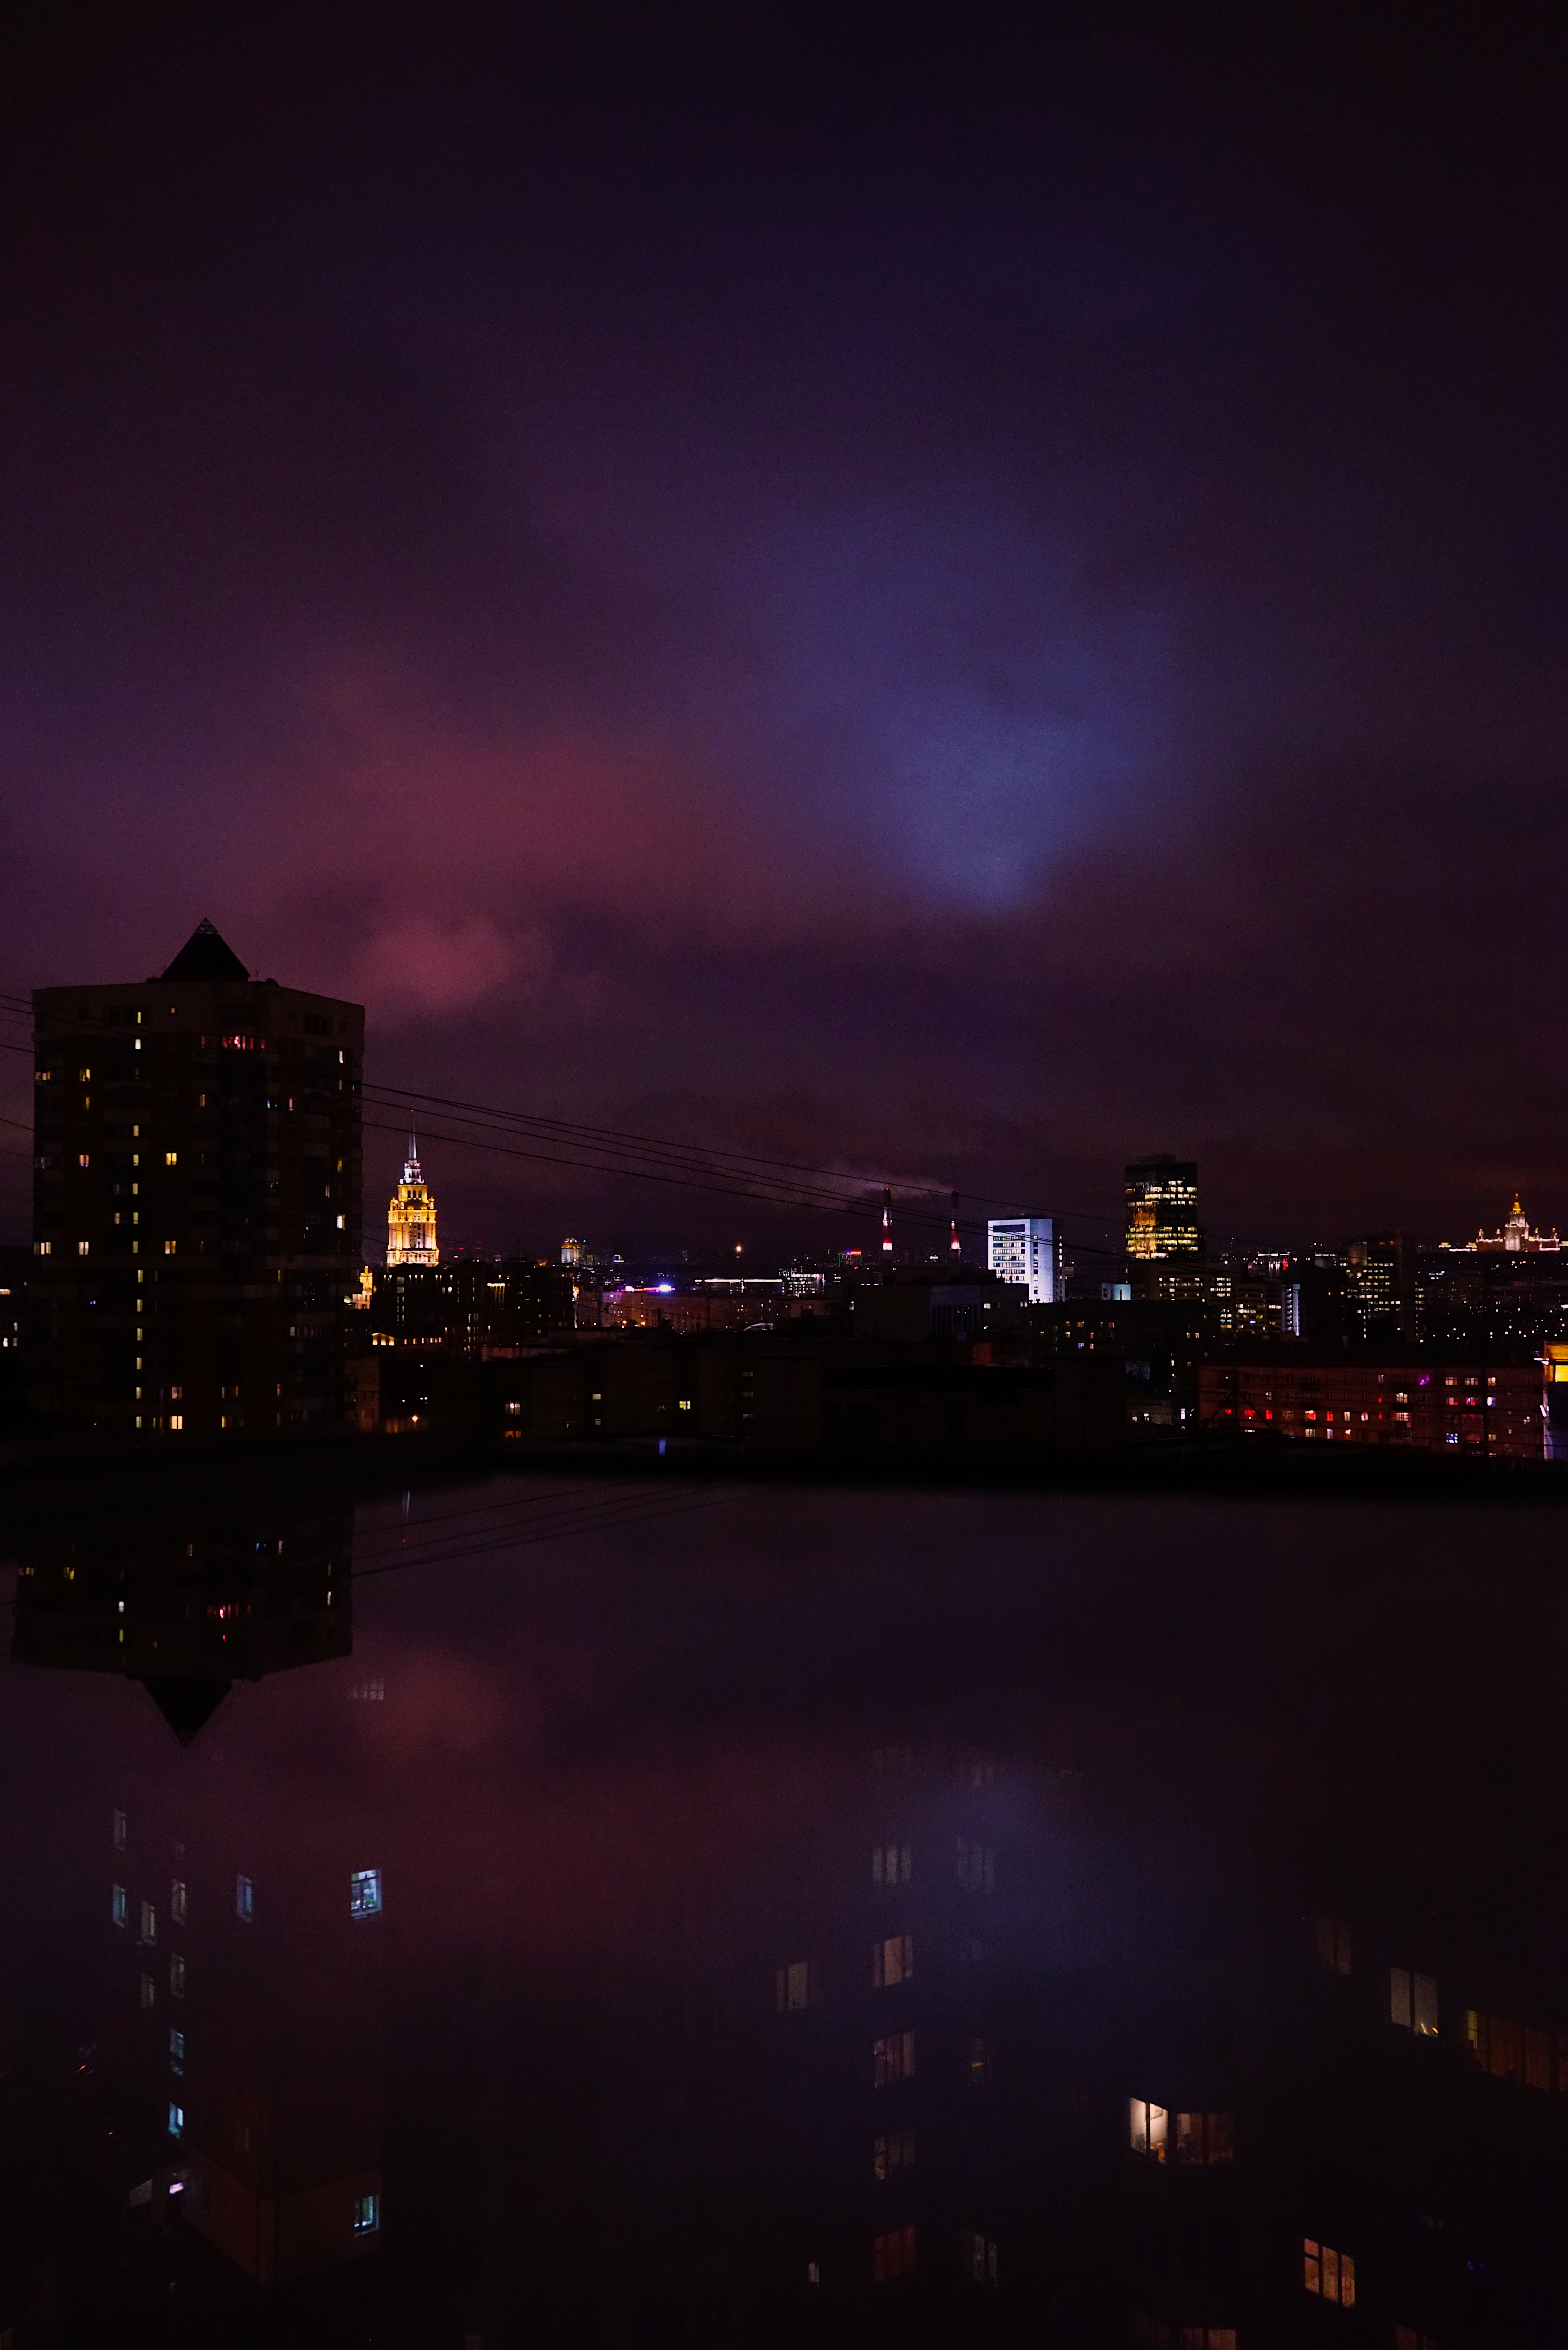 130209 скачать обои Ночной Город, Ночь, Здания, Москва, Россия, Города - заставки и картинки бесплатно